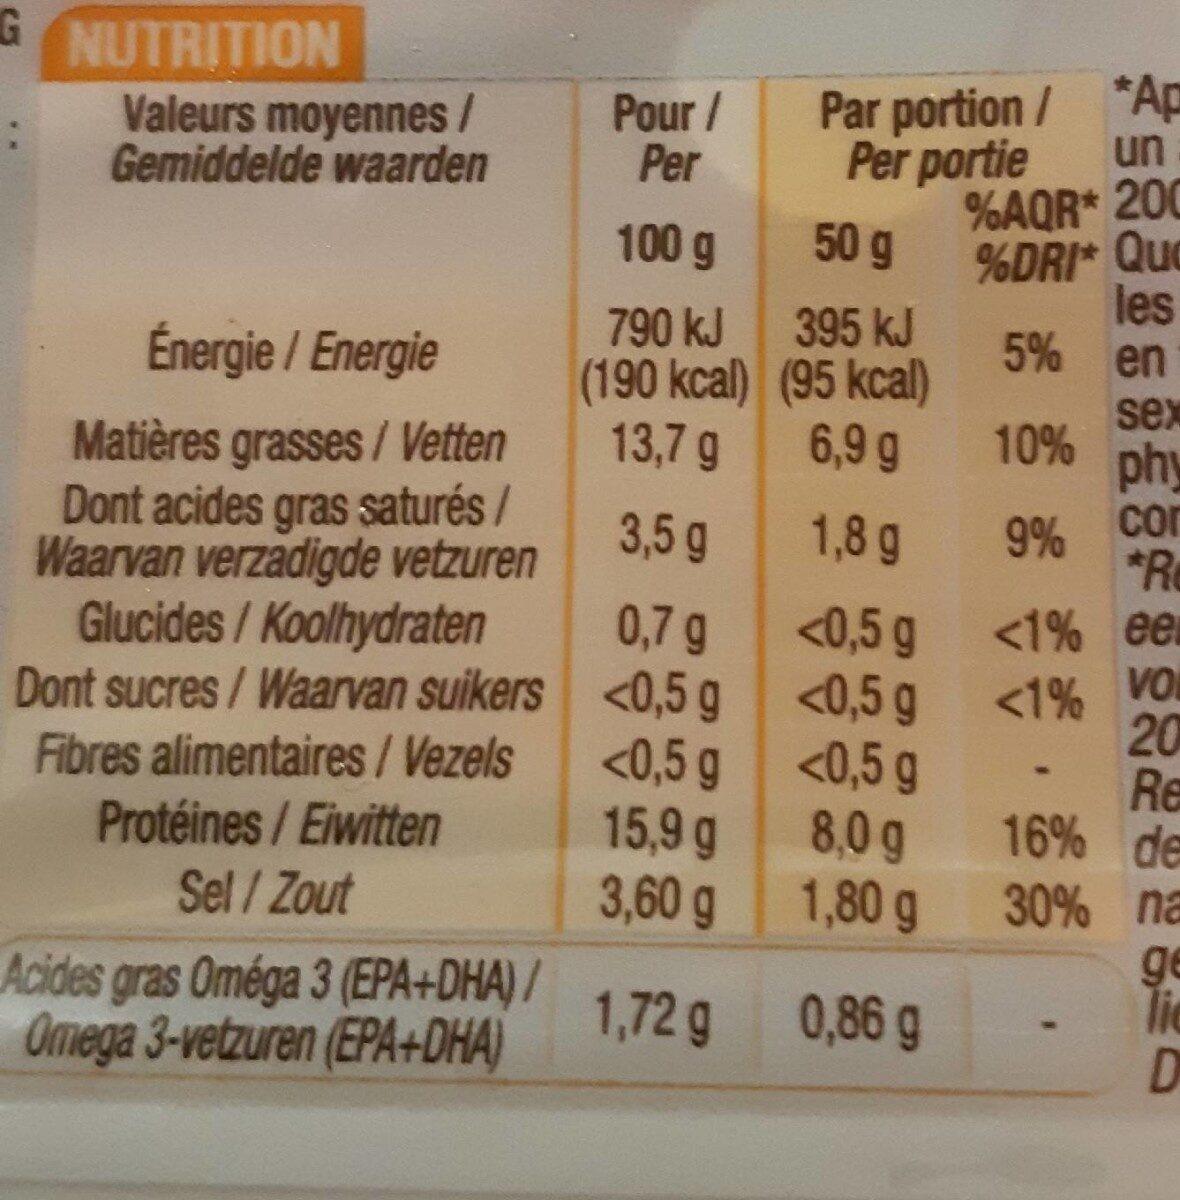 Filets de harengs - Informations nutritionnelles - fr